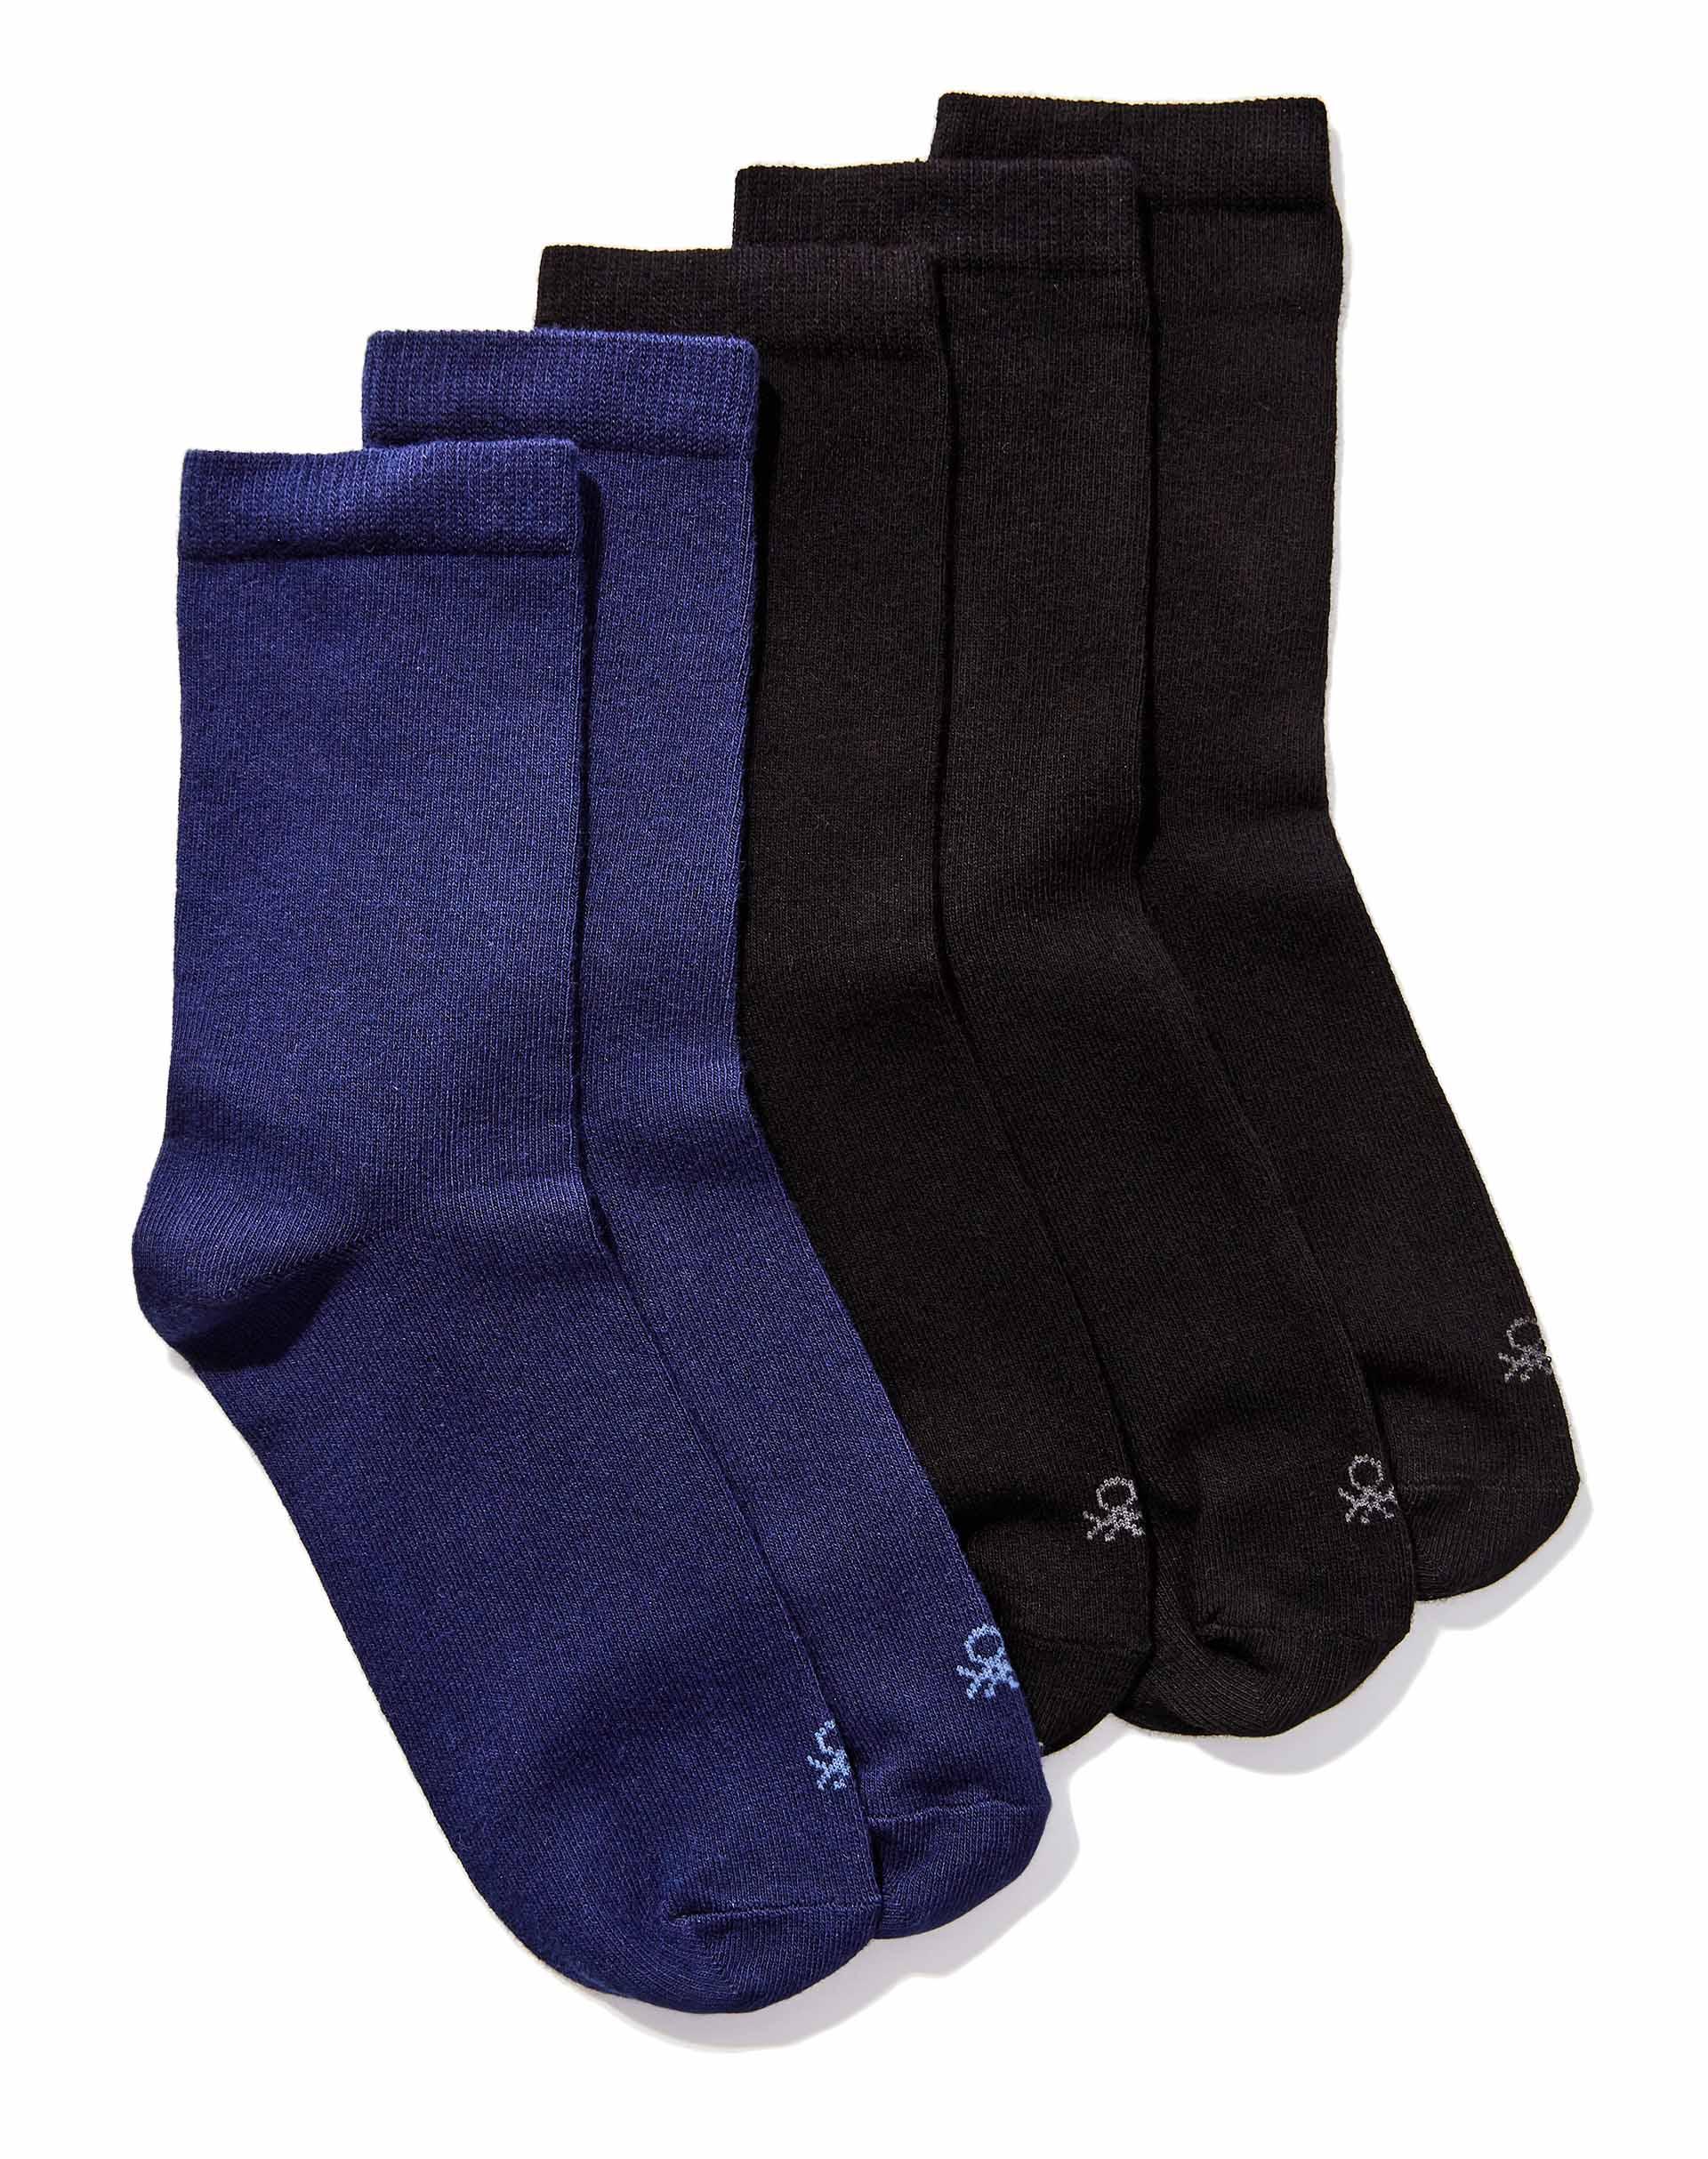 Комплект носков 5 парНижнее белье<br>Комплект носков состоит из пяти пар. Модель выполнена из хлопкового трикотажа с добавлением синтетических волокон для большей износоустойчивости. Мягкая эластичная манжета в рубчик.<br>Цвет: Черный; Размер: S;